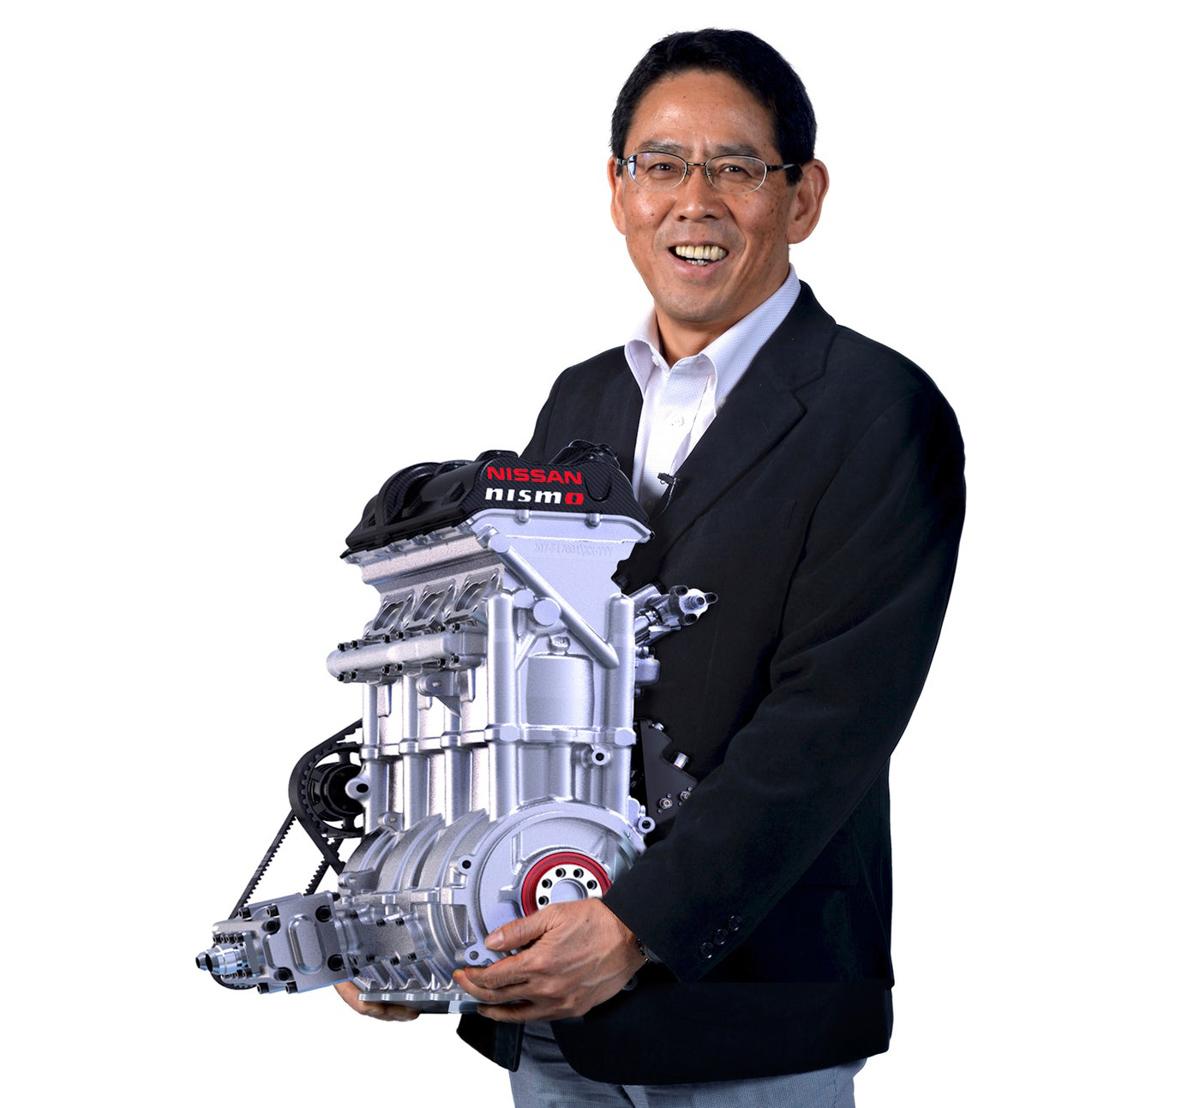 小个头大马力!400 hp 的 Nissan DIG-T-R 涡轮引擎!